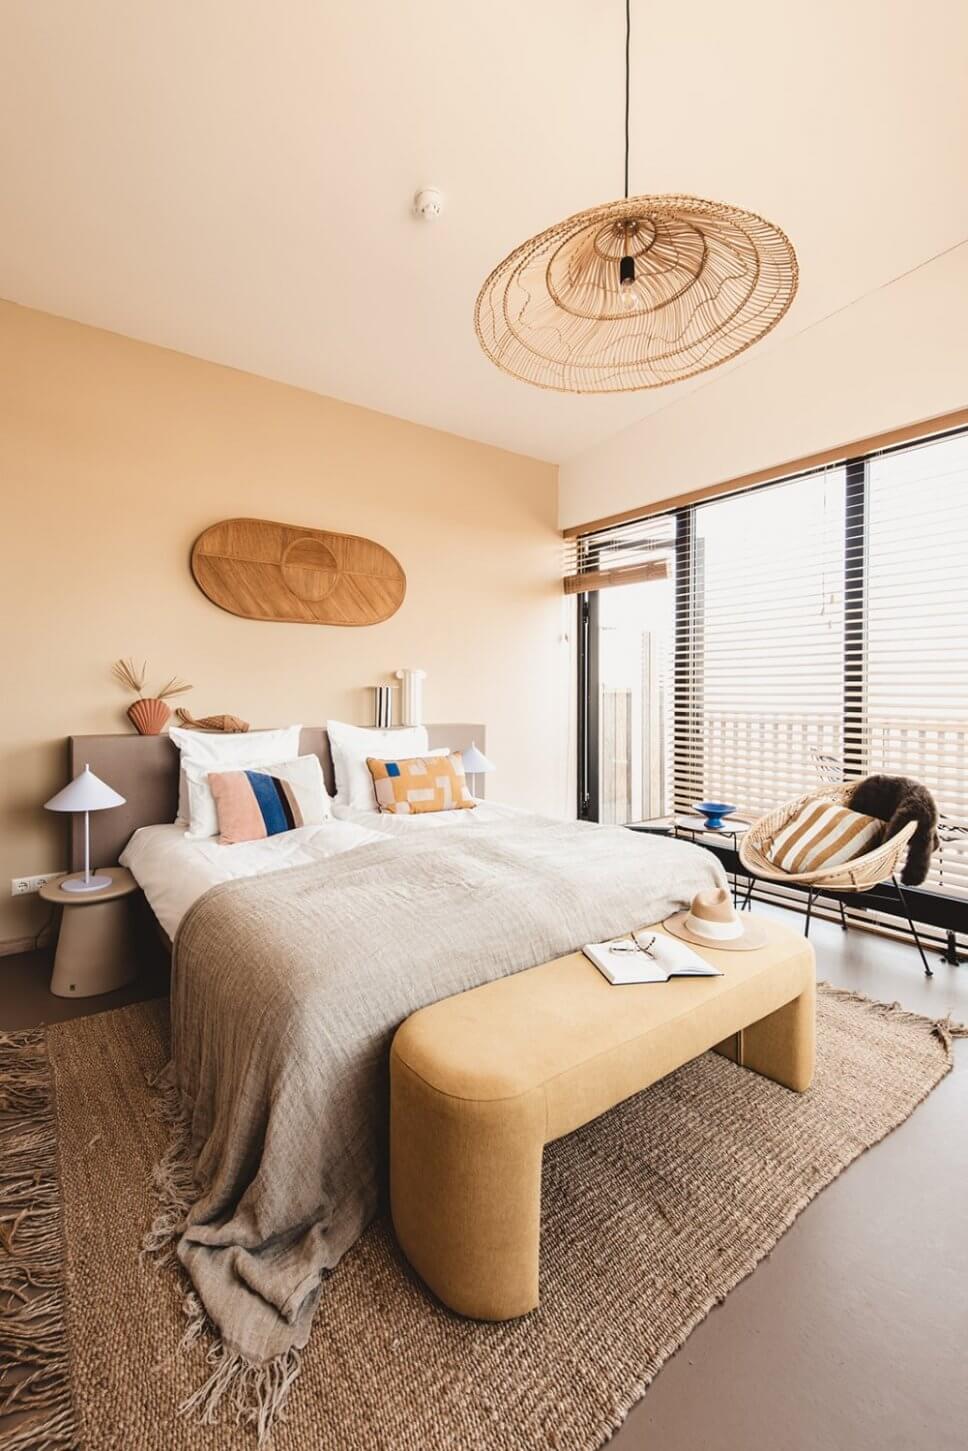 Modern eingerichtetes Schlafzimmer mit vielen Kissen im Bett